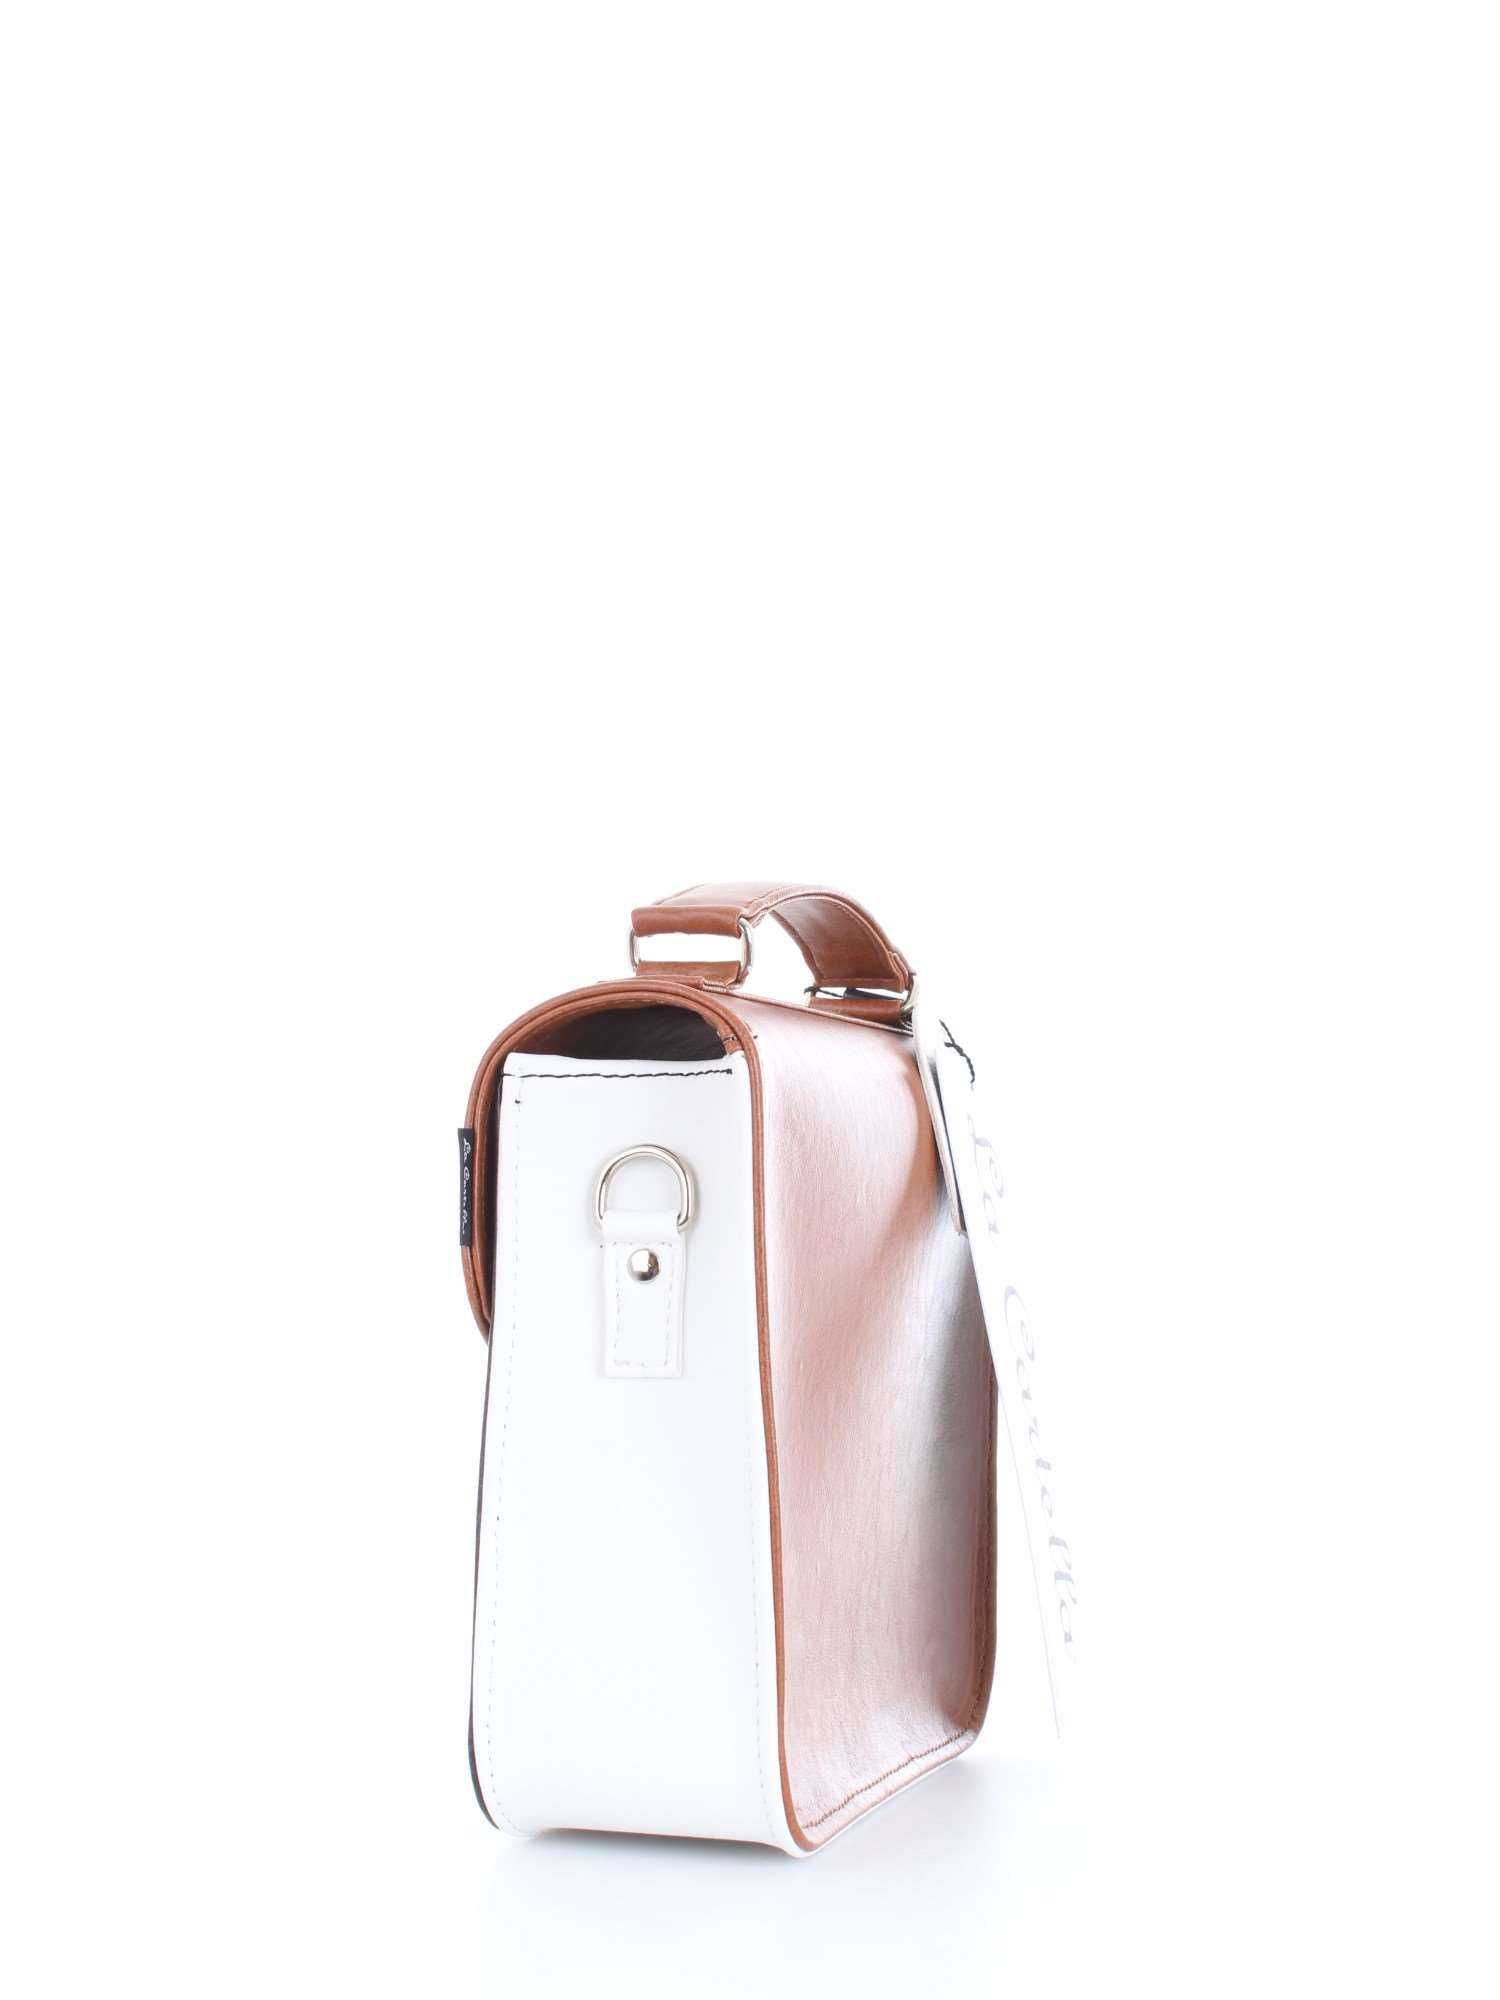 Été Sac pour Femme The 1 Mini Love Printemps Cartella Multicolor xvwPp4qgv